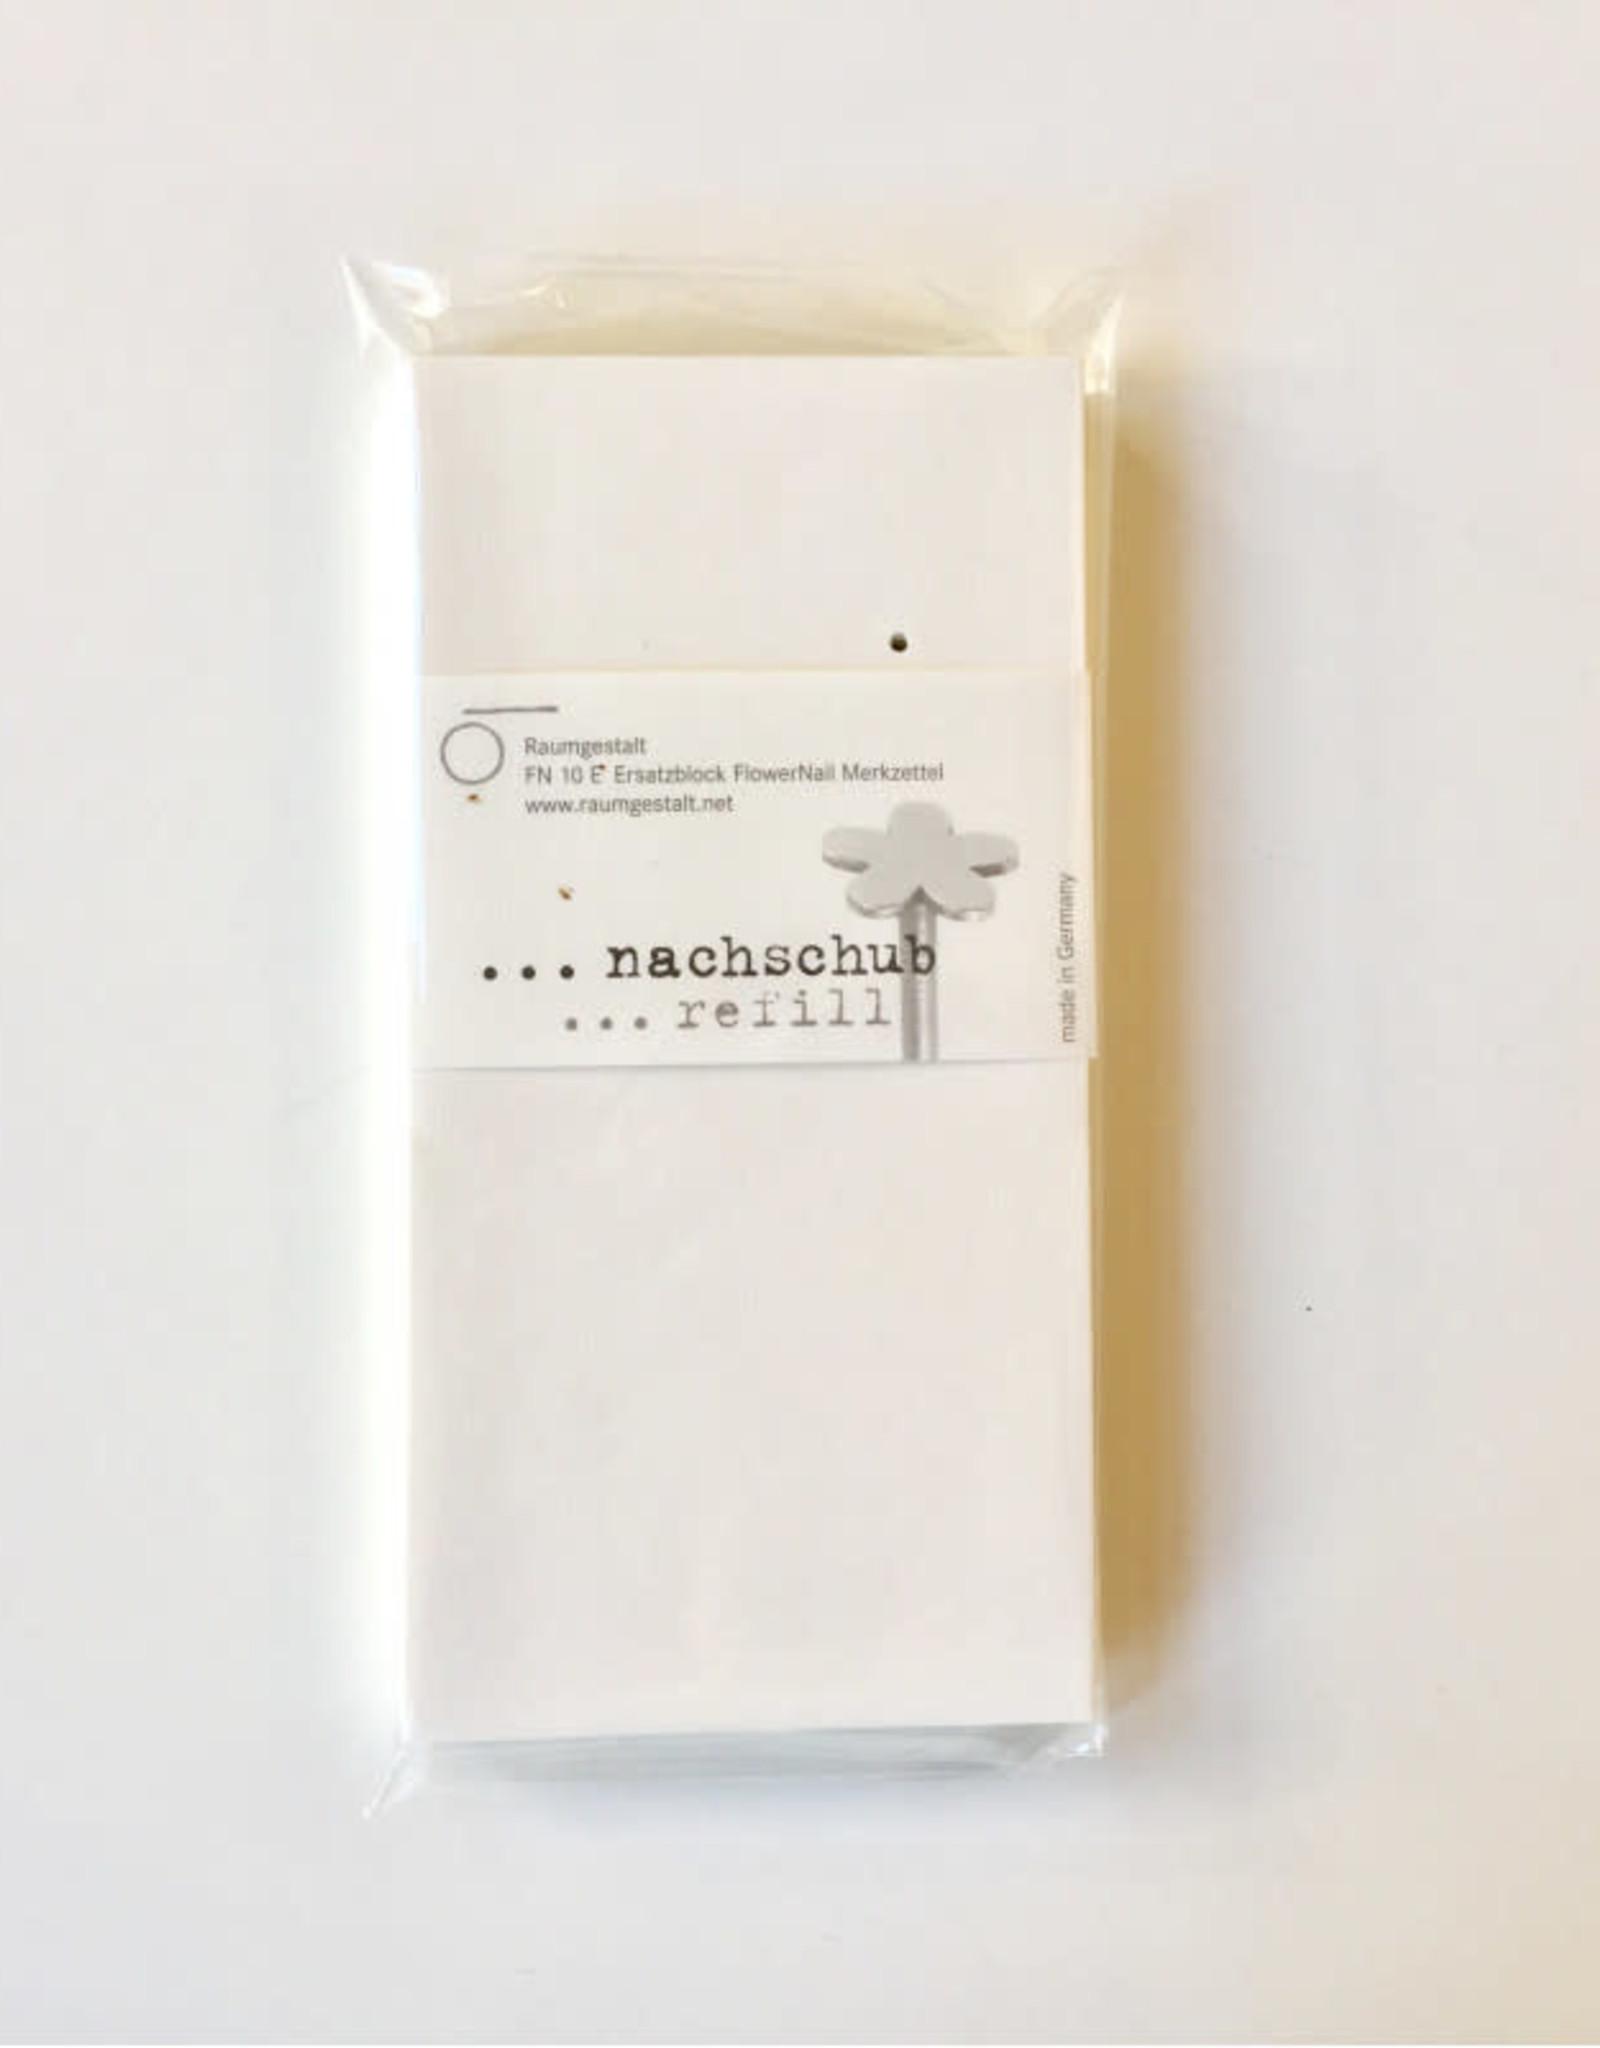 Raumgestalt Recharge pour bloc-notes FlowerNail 14 x 7